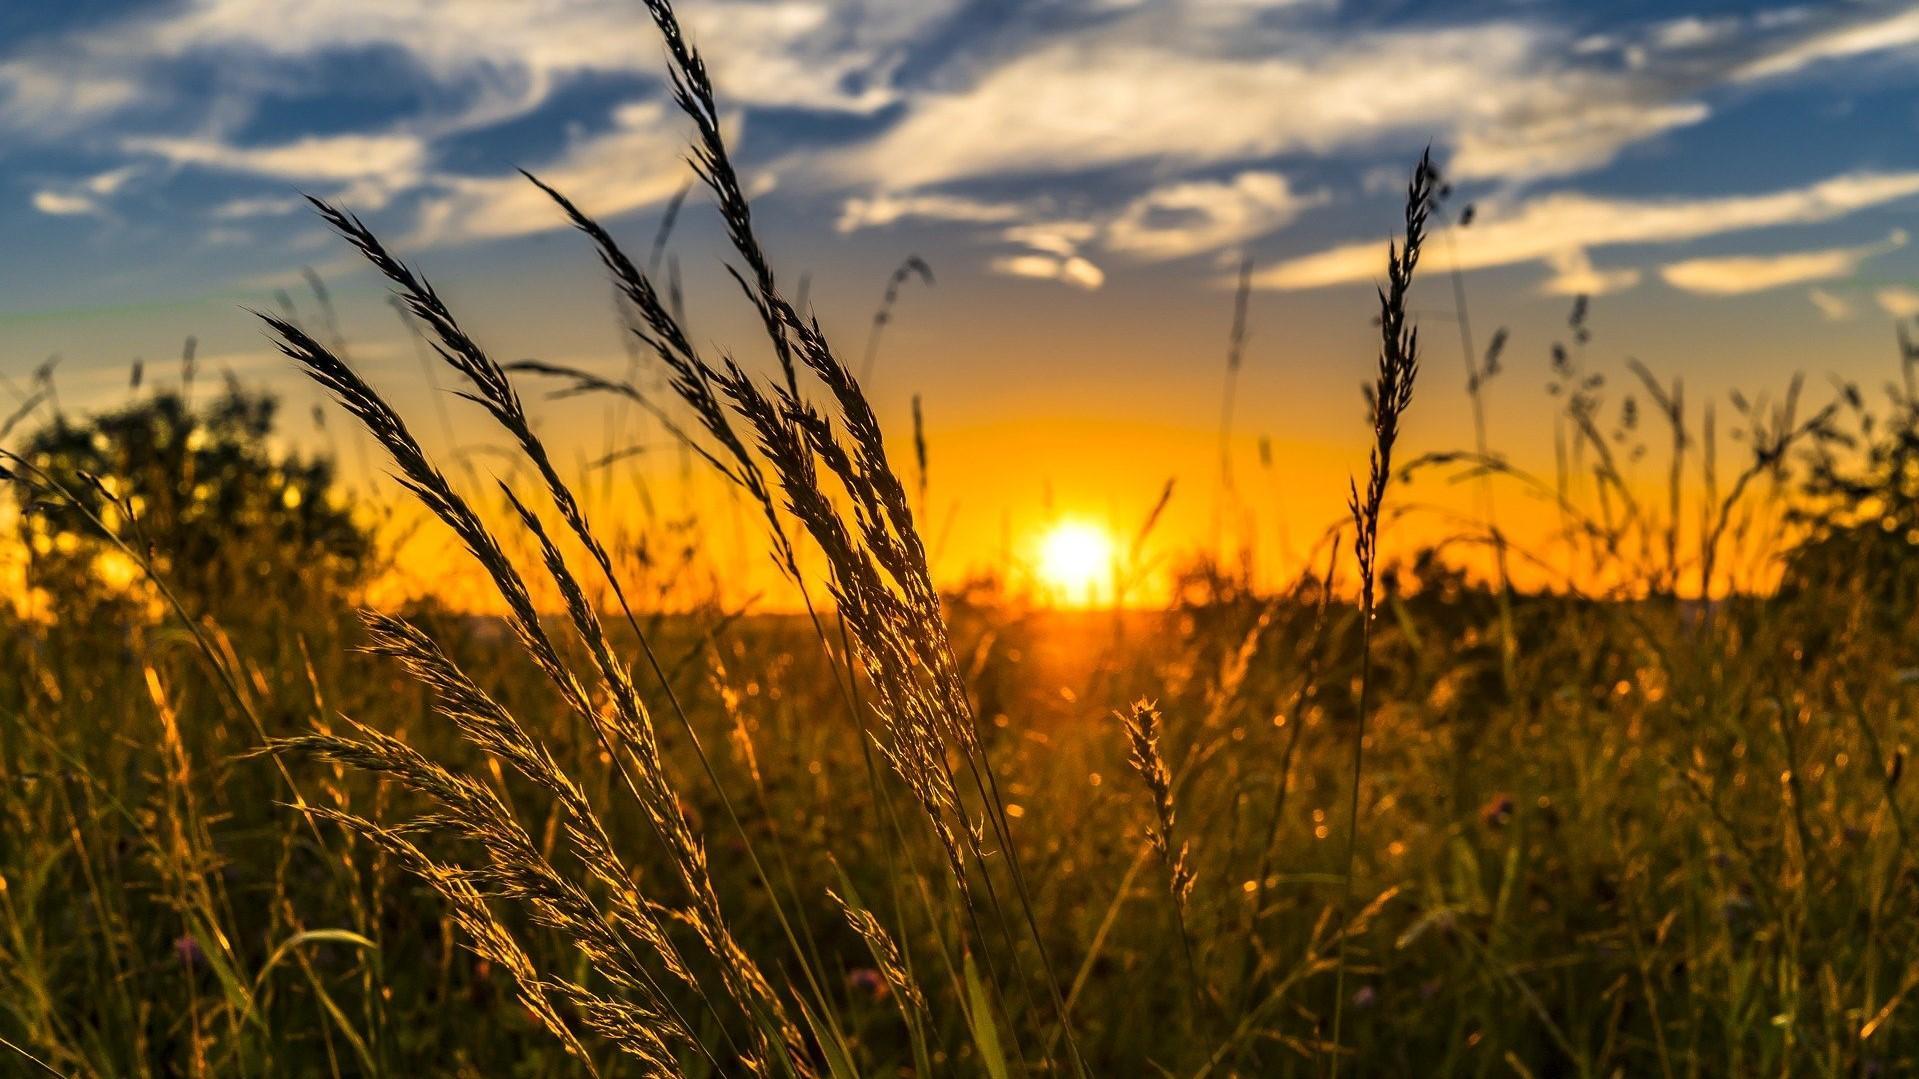 Eine Pollenallergie schränkt die Lebensqualität oft deutlich ein